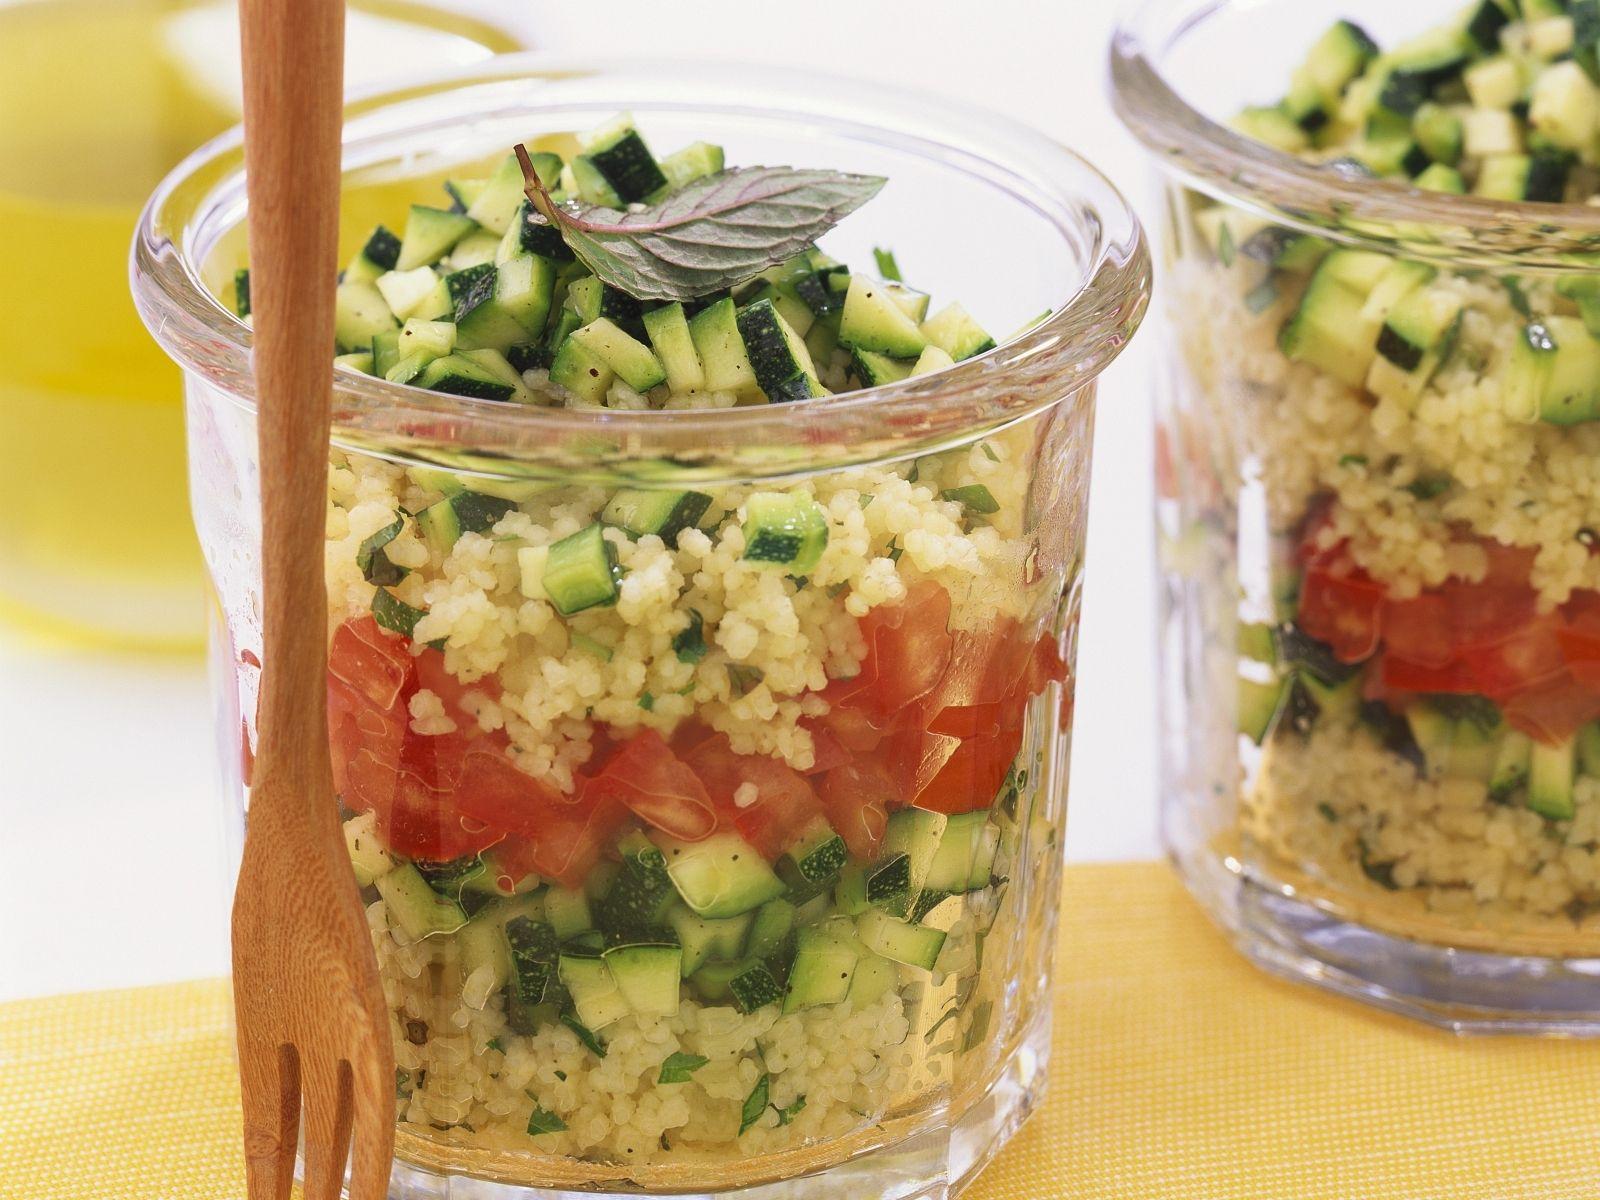 couscoussalat mit tomate und zucchini rezept couscous rezepte pinterest zucchini. Black Bedroom Furniture Sets. Home Design Ideas